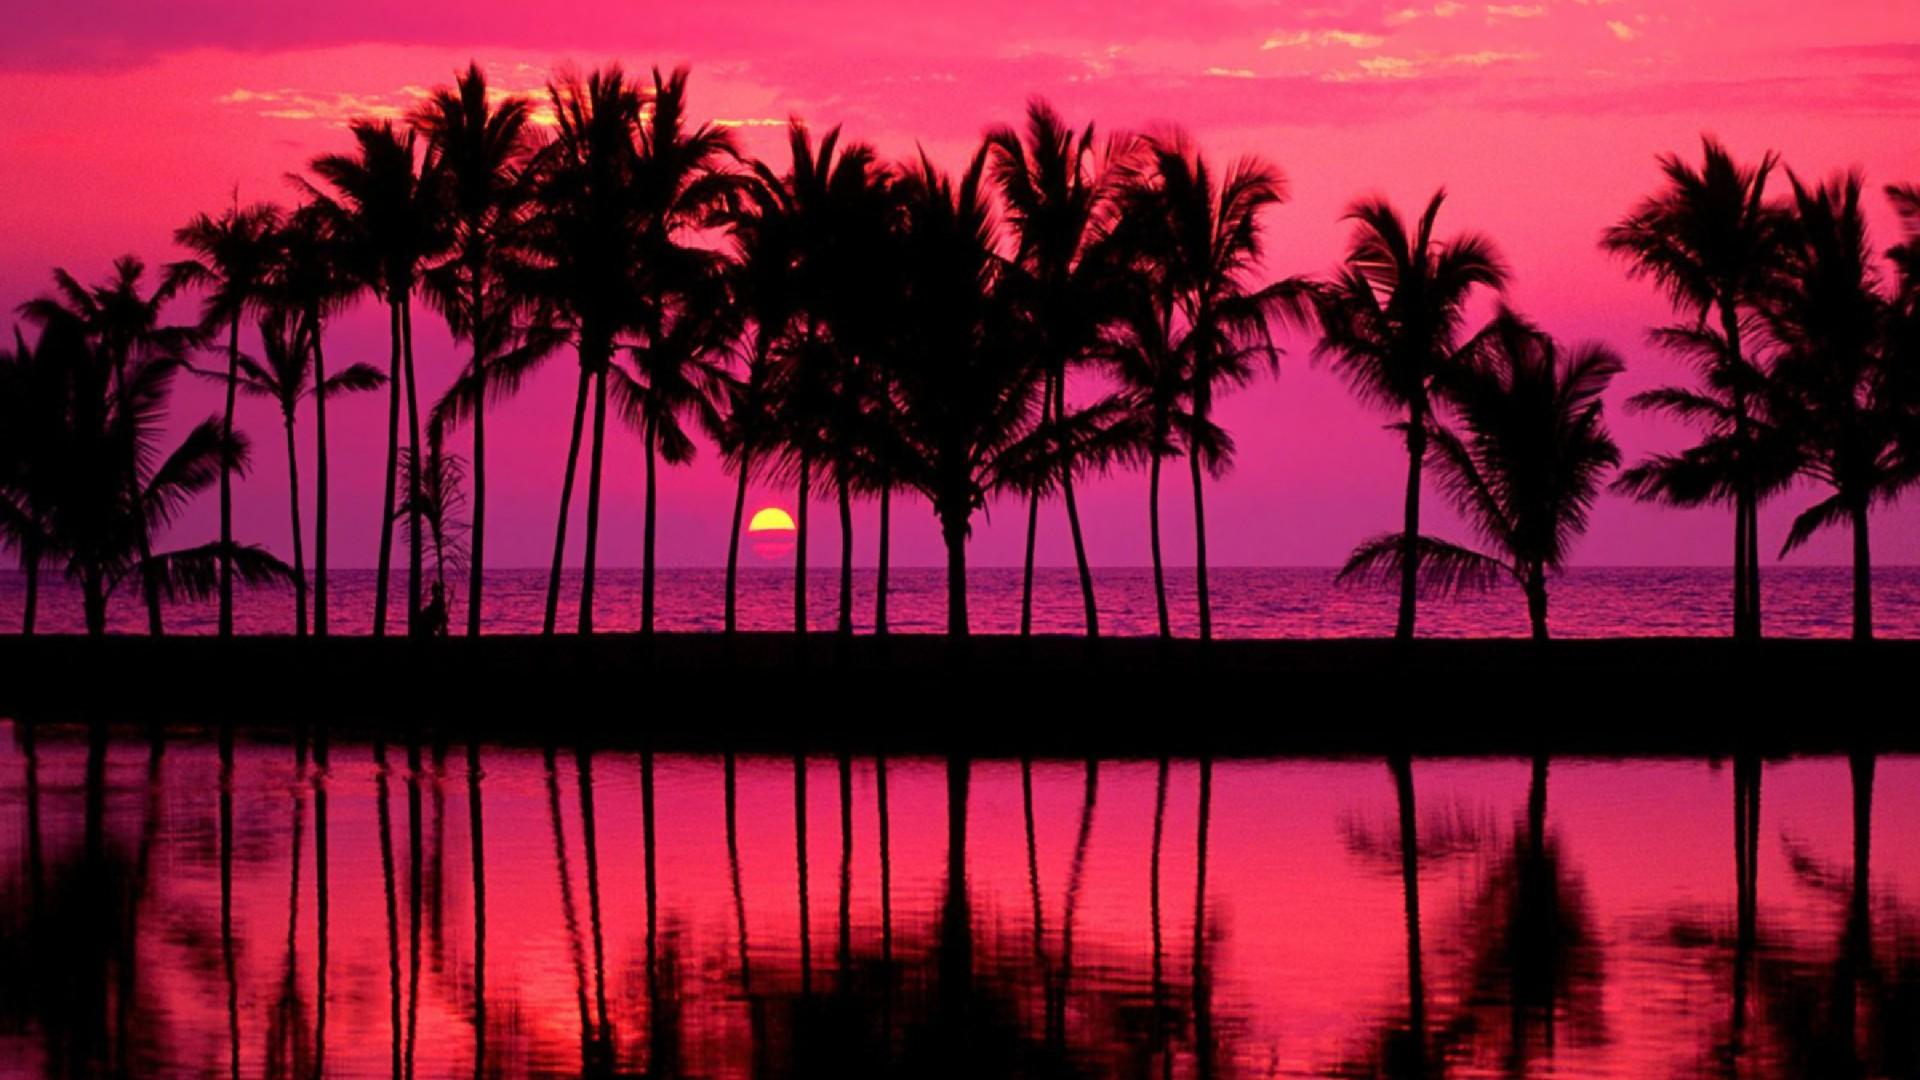 Hawaiian pink sunset over the beach wallpaper